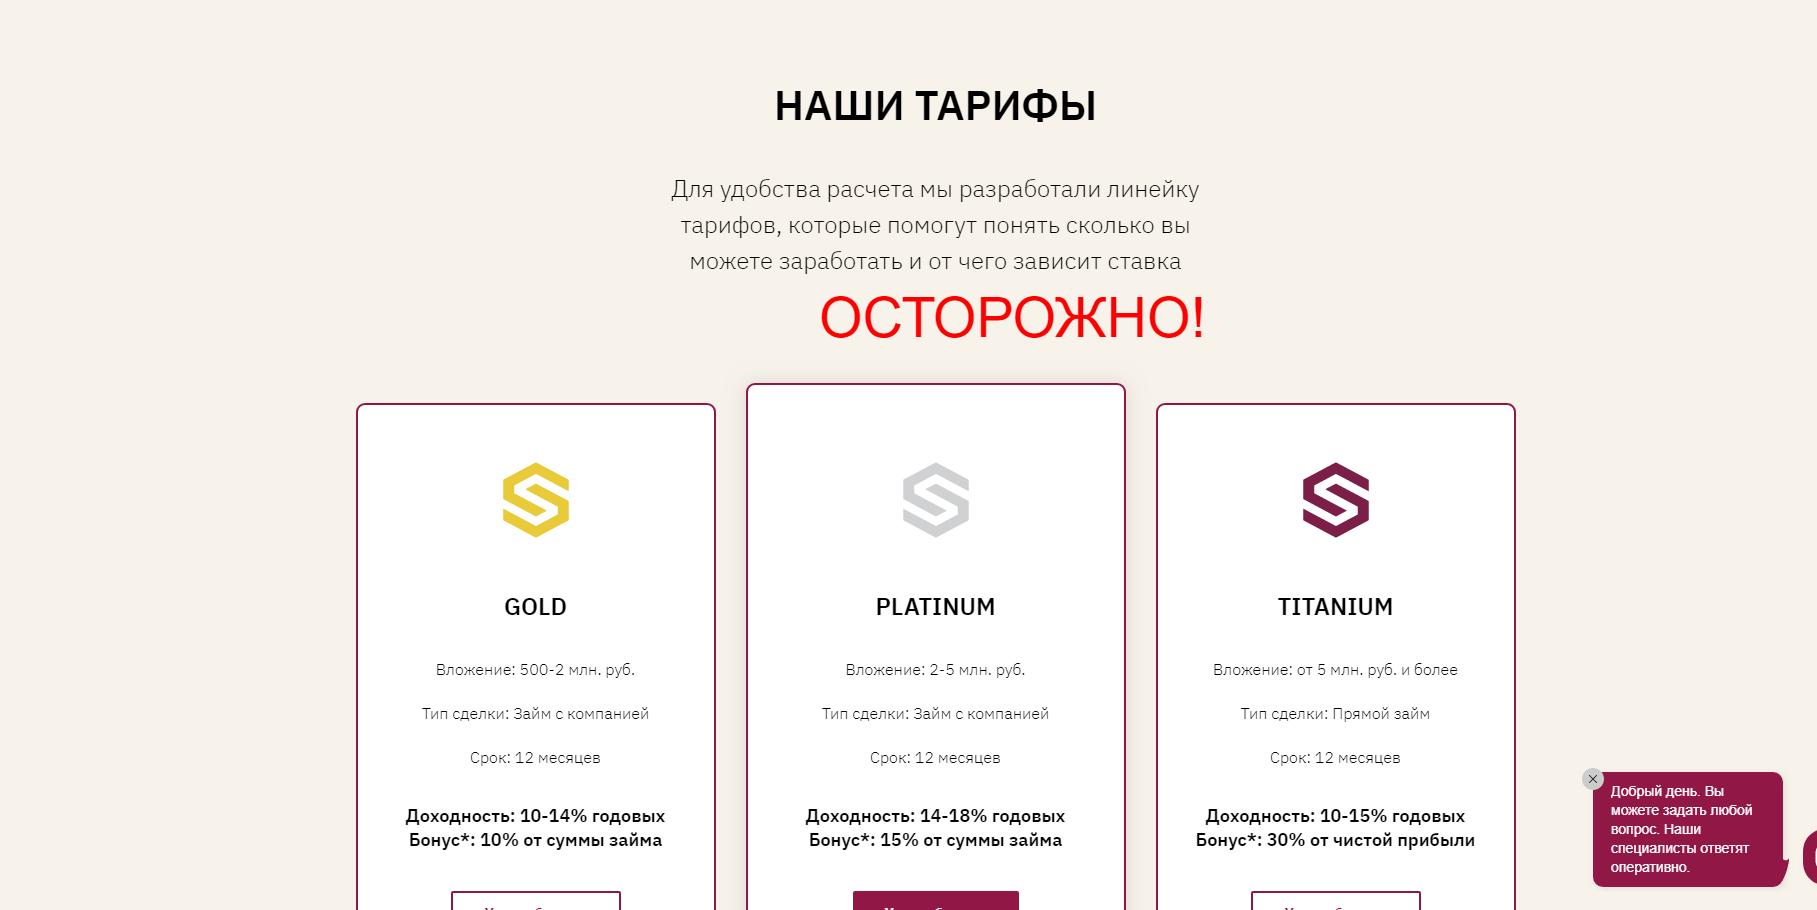 Si Realty - реальные отзывы si-realty.ru